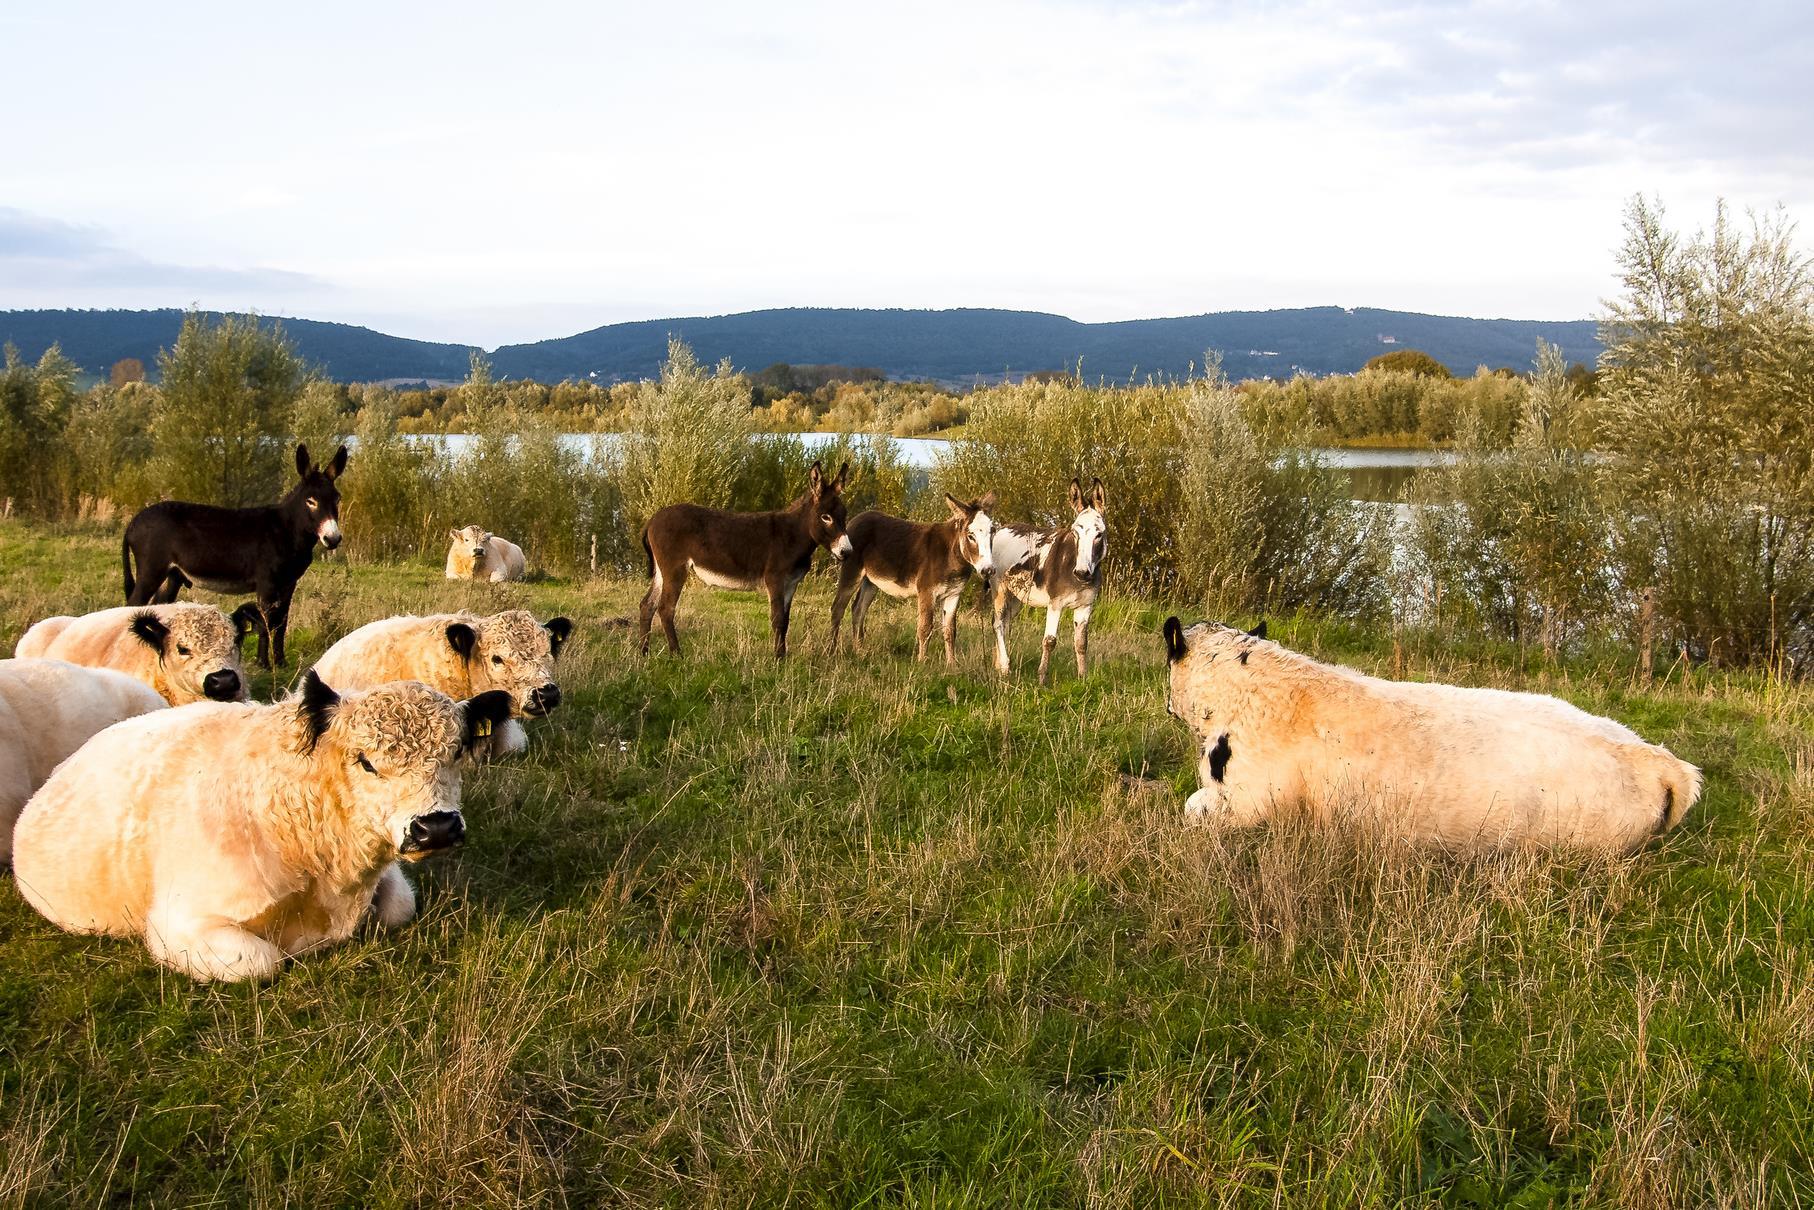 Die Galloways und Esel auf der Weide am Stichweg.